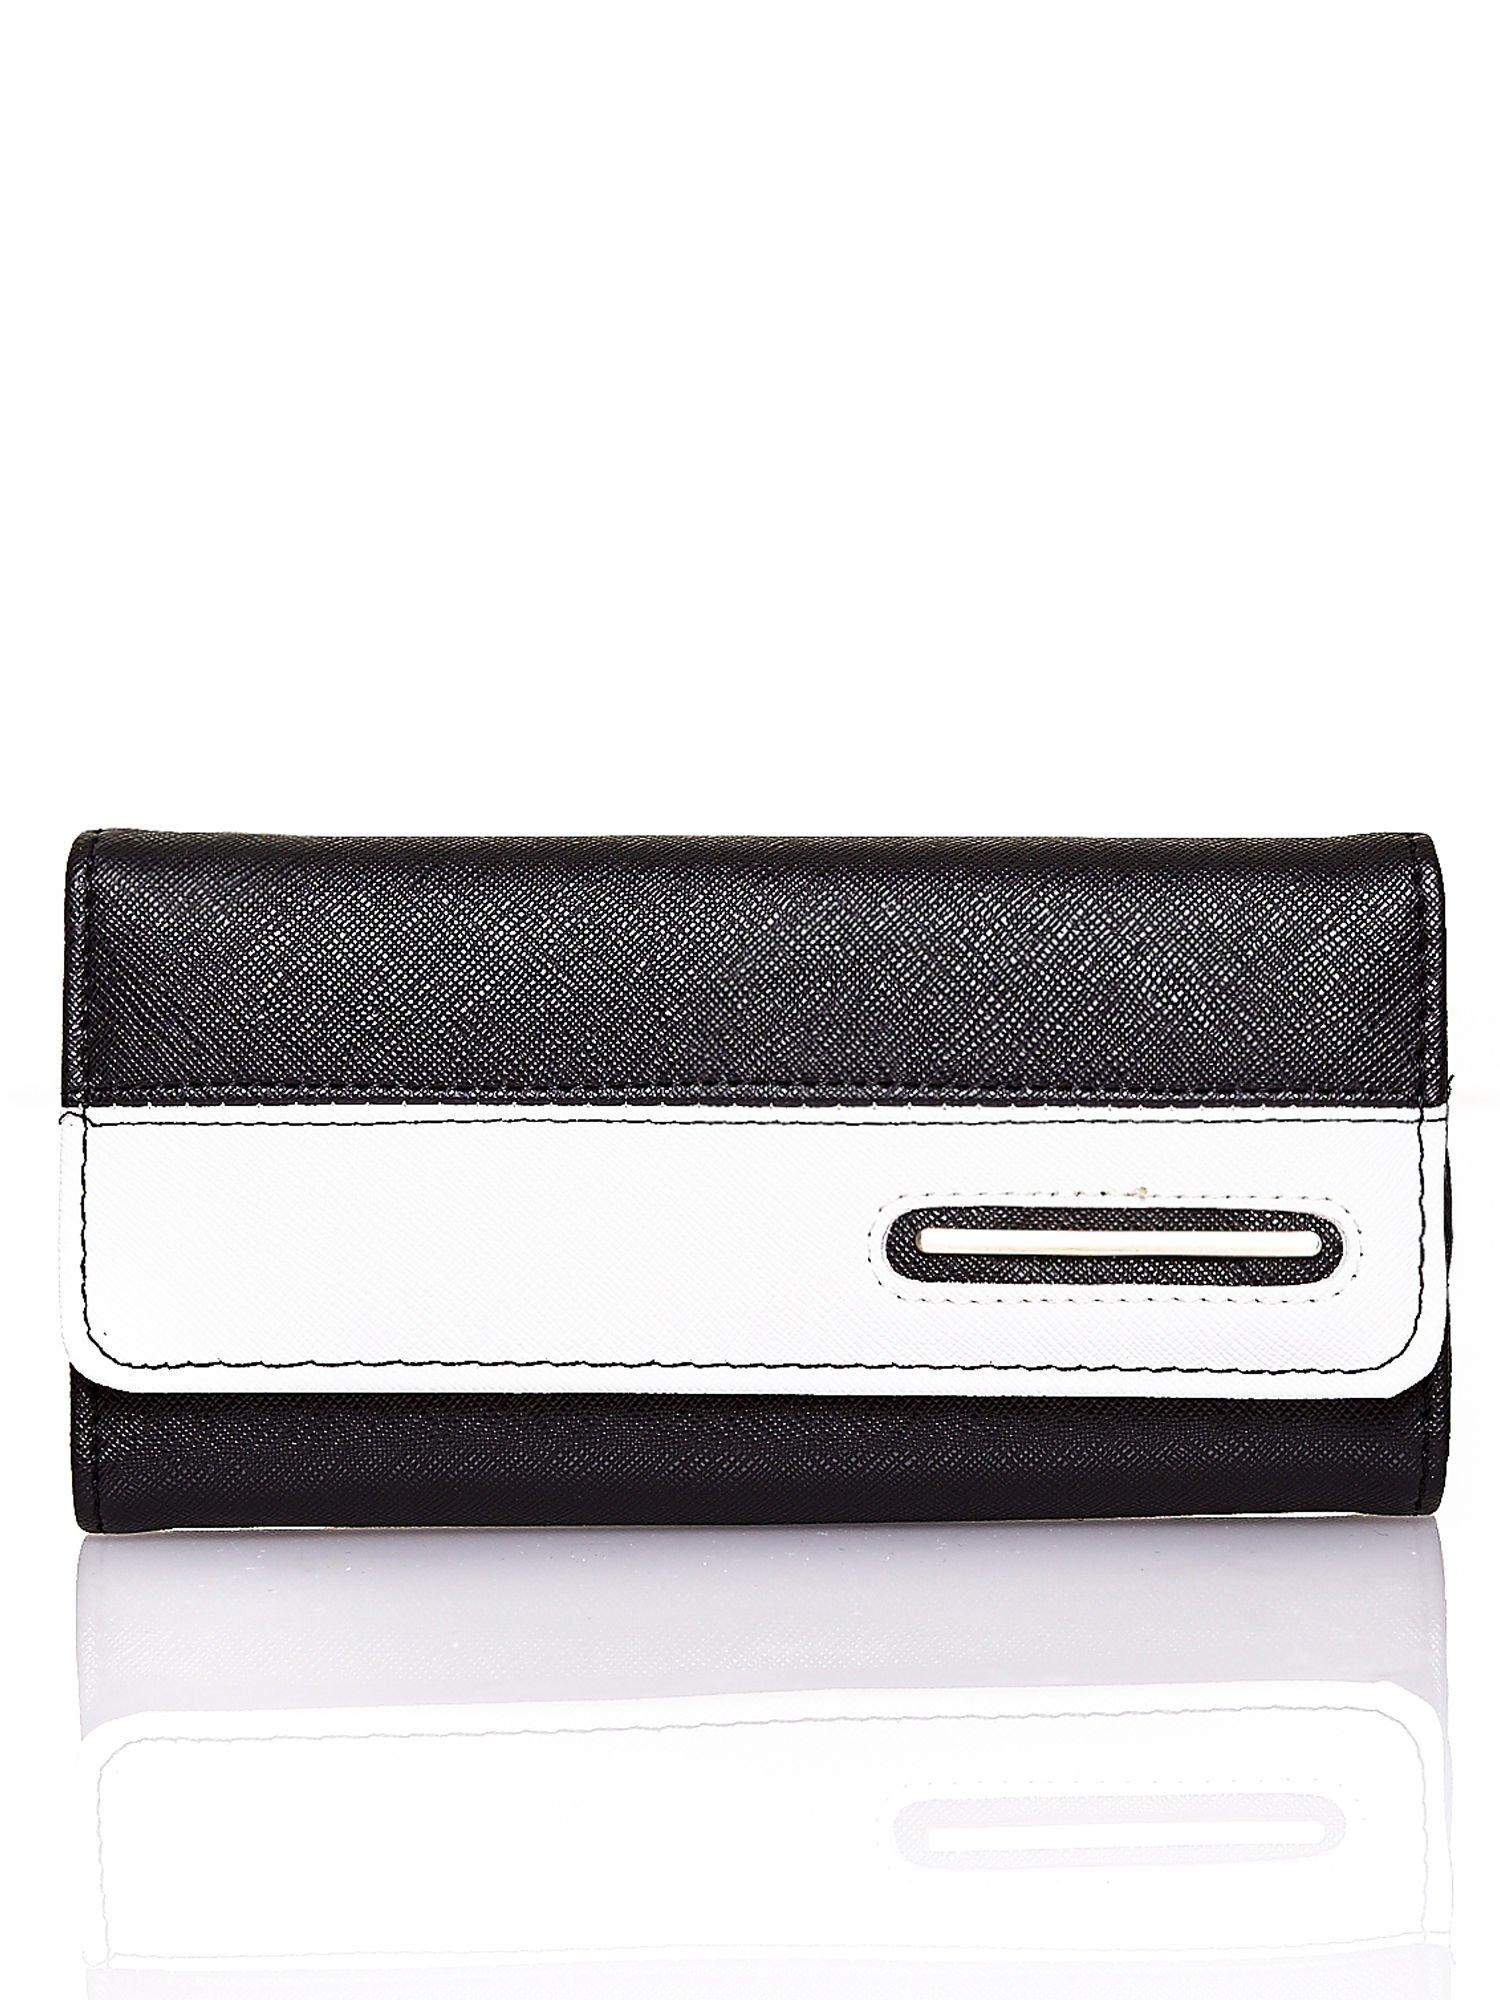 Czarny portfel z białym wykończeniem                                  zdj.                                  1